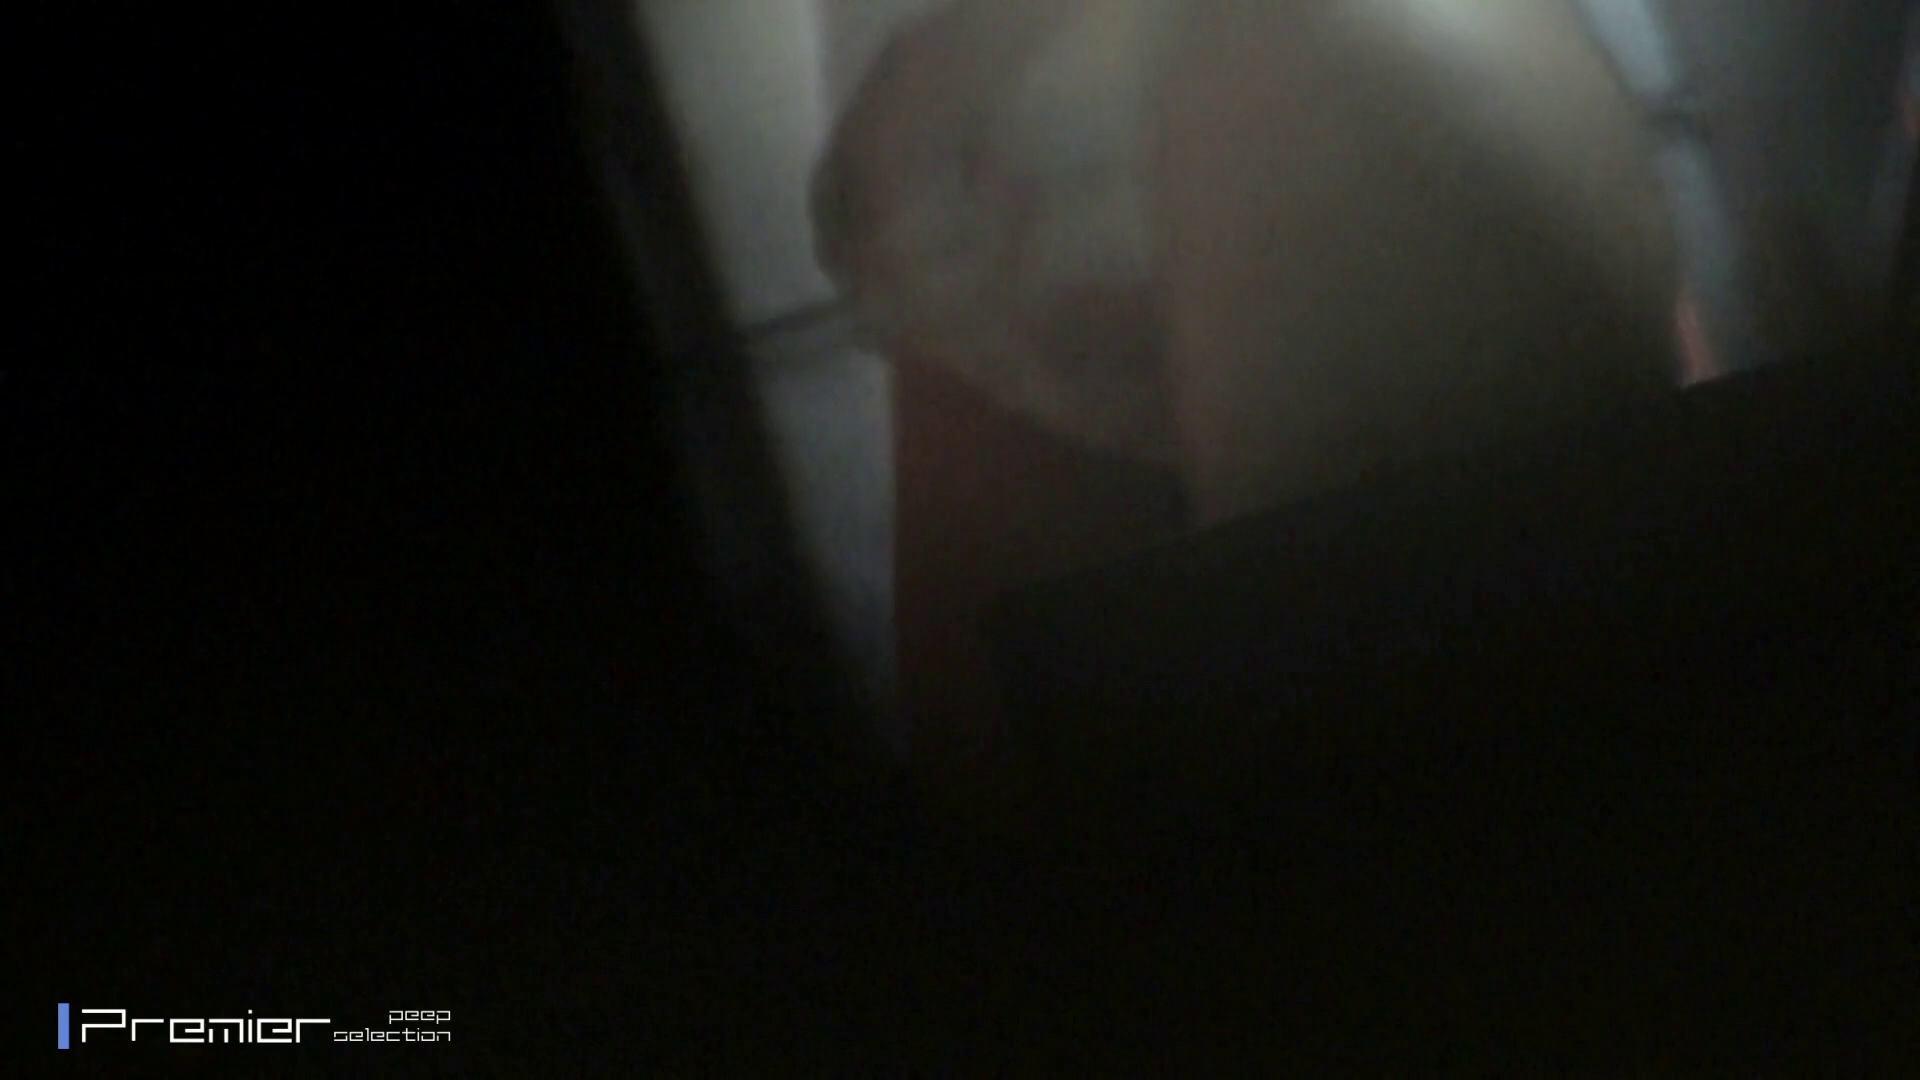 美人限定★女子大生の私生活★詰合せ 美女達の私生活に潜入! 高画質 すけべAV動画紹介 51pic 8